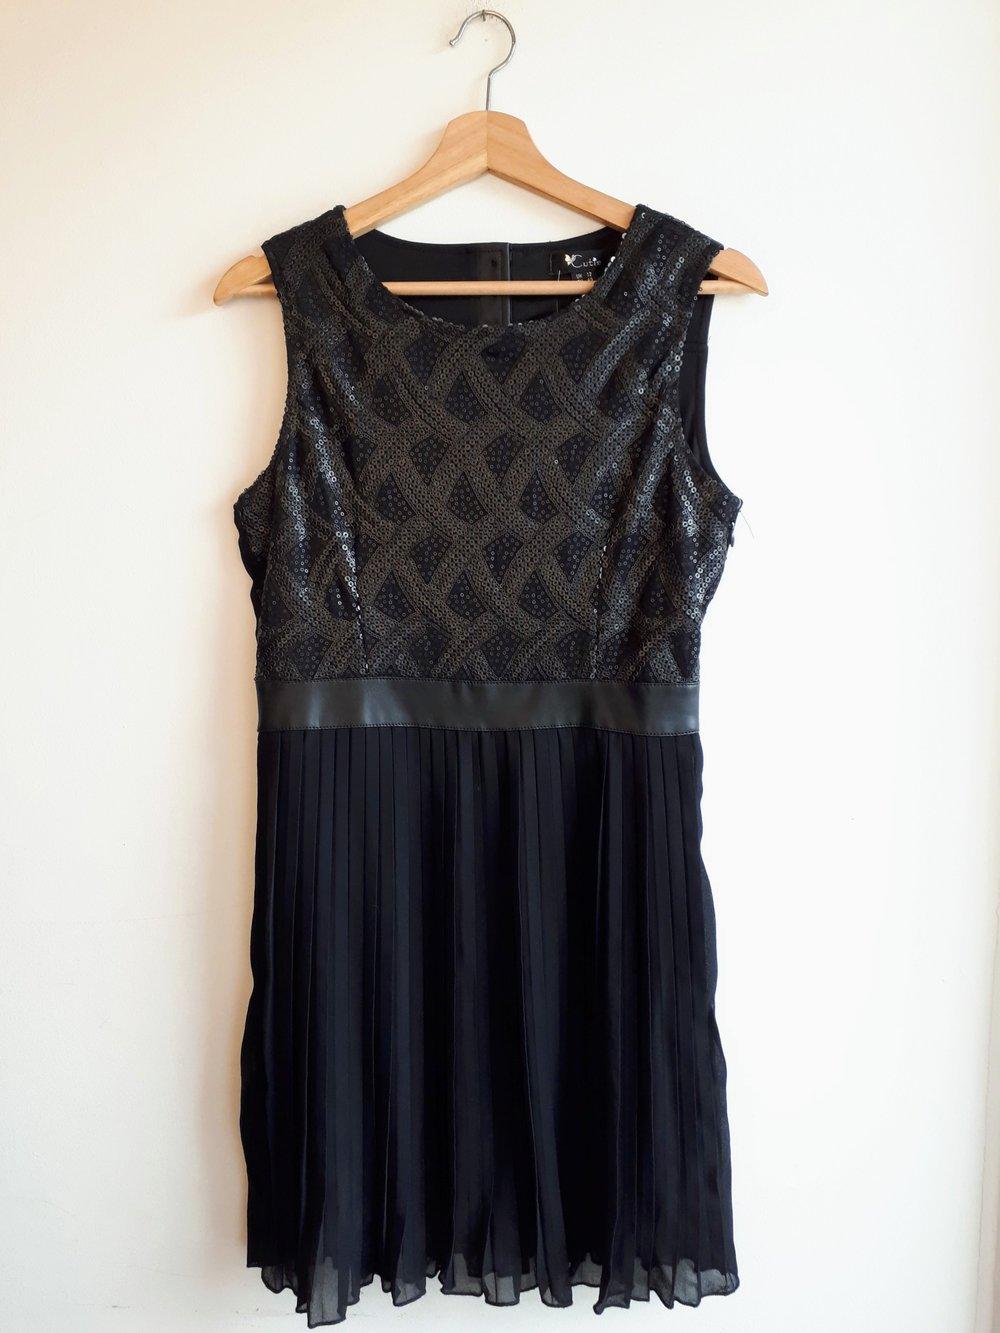 Cutie dress (NWT); Size 8, $30